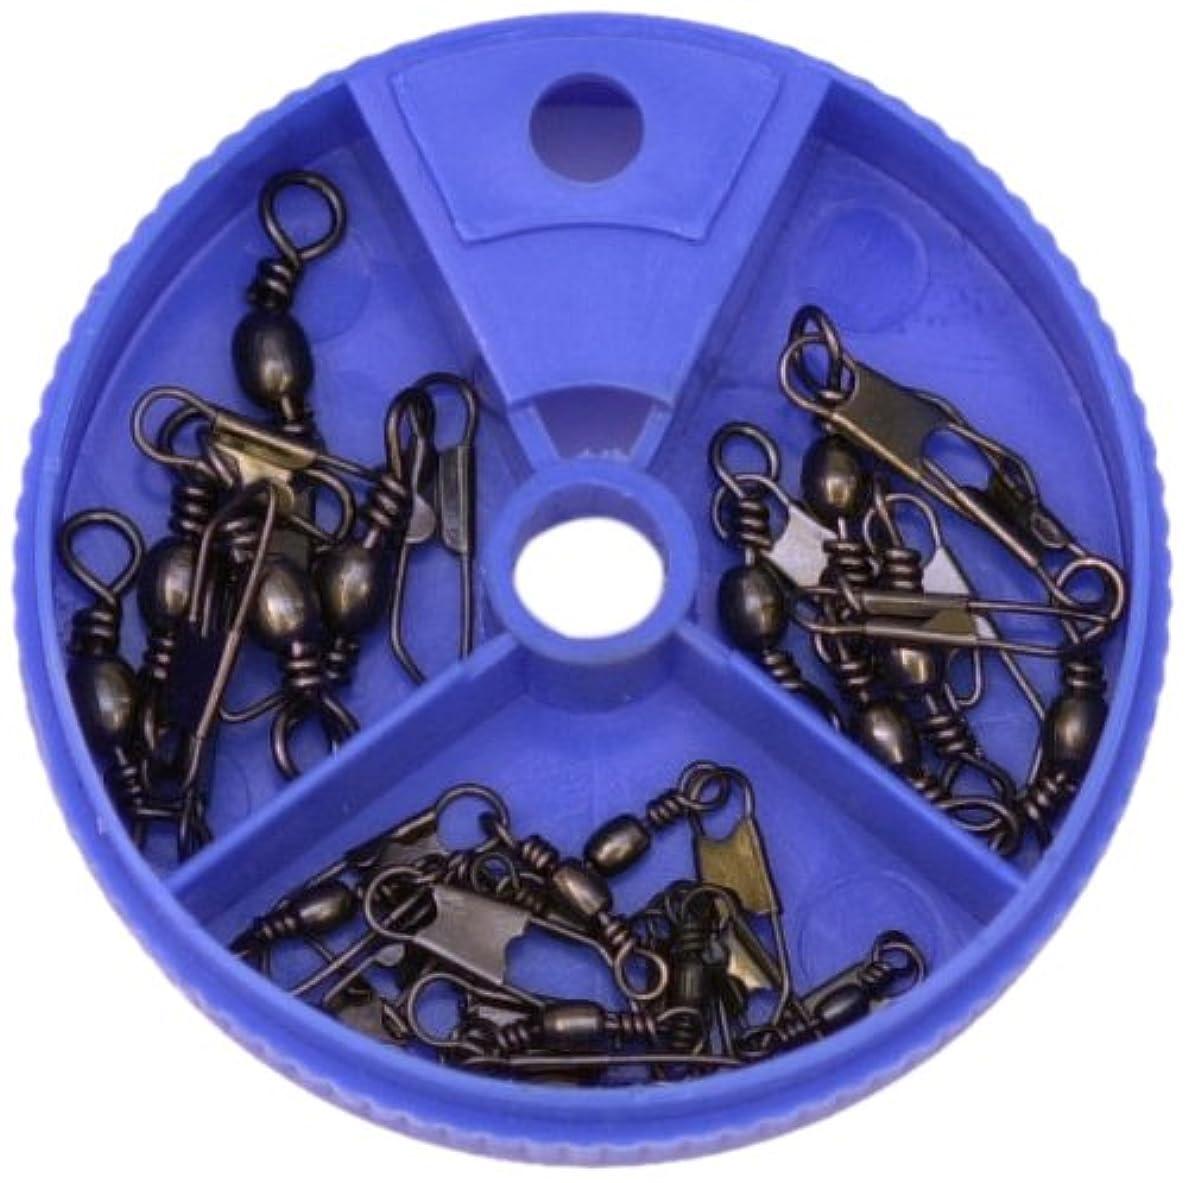 しばしばプール飛ぶEagle Claw Snap Swivel with Interlock Assortment, 20 Piece (Black)